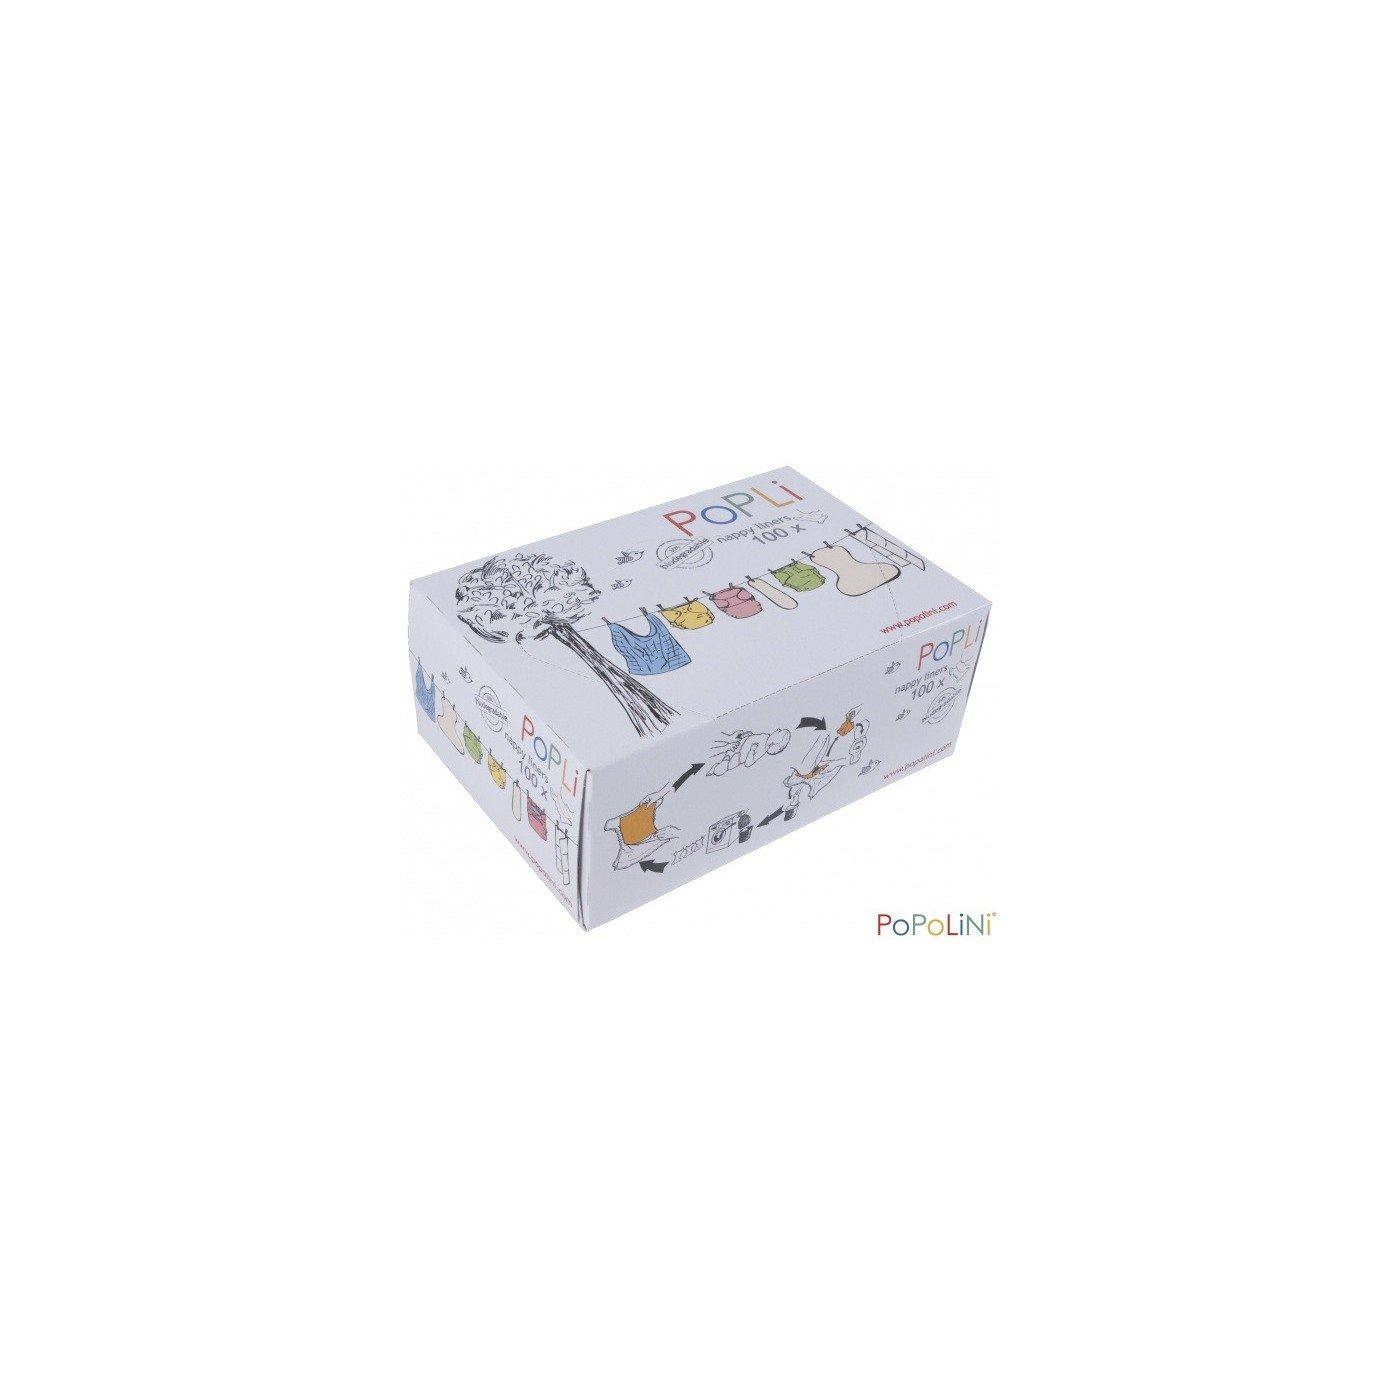 'Popolini–Pañales popli plástico para pañales, color blanco